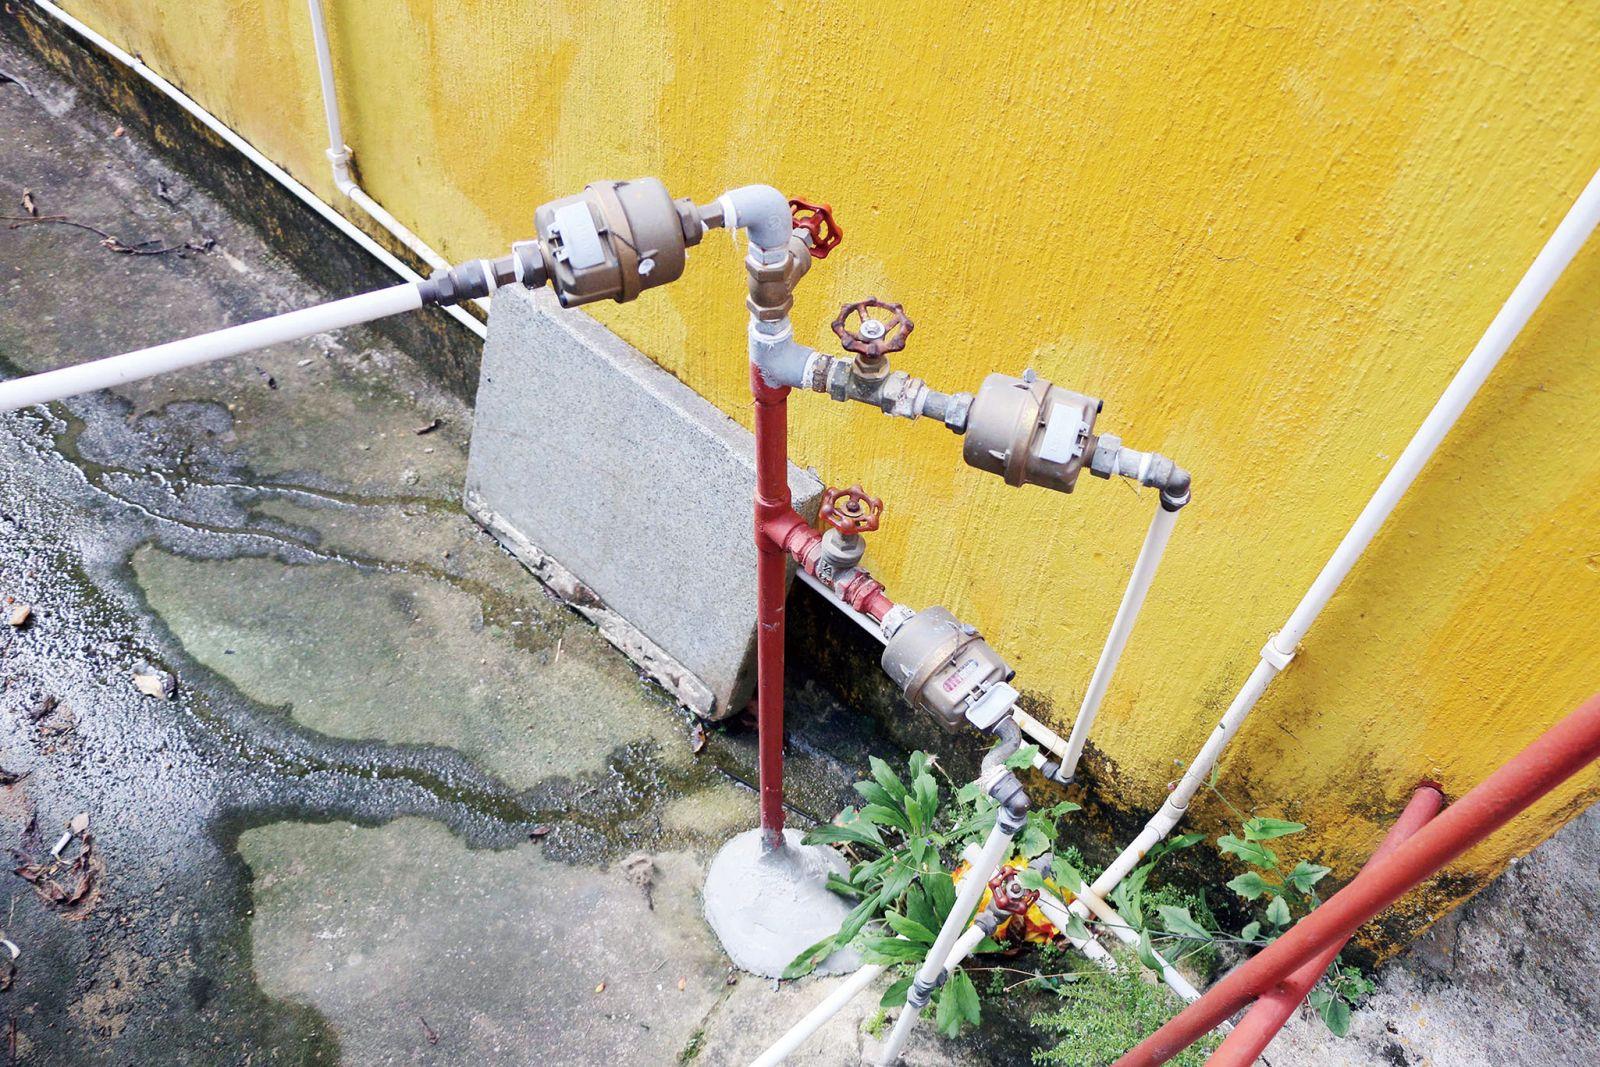 近半村民「搭水搭電」 議員促特事特辦 解燃眉之急